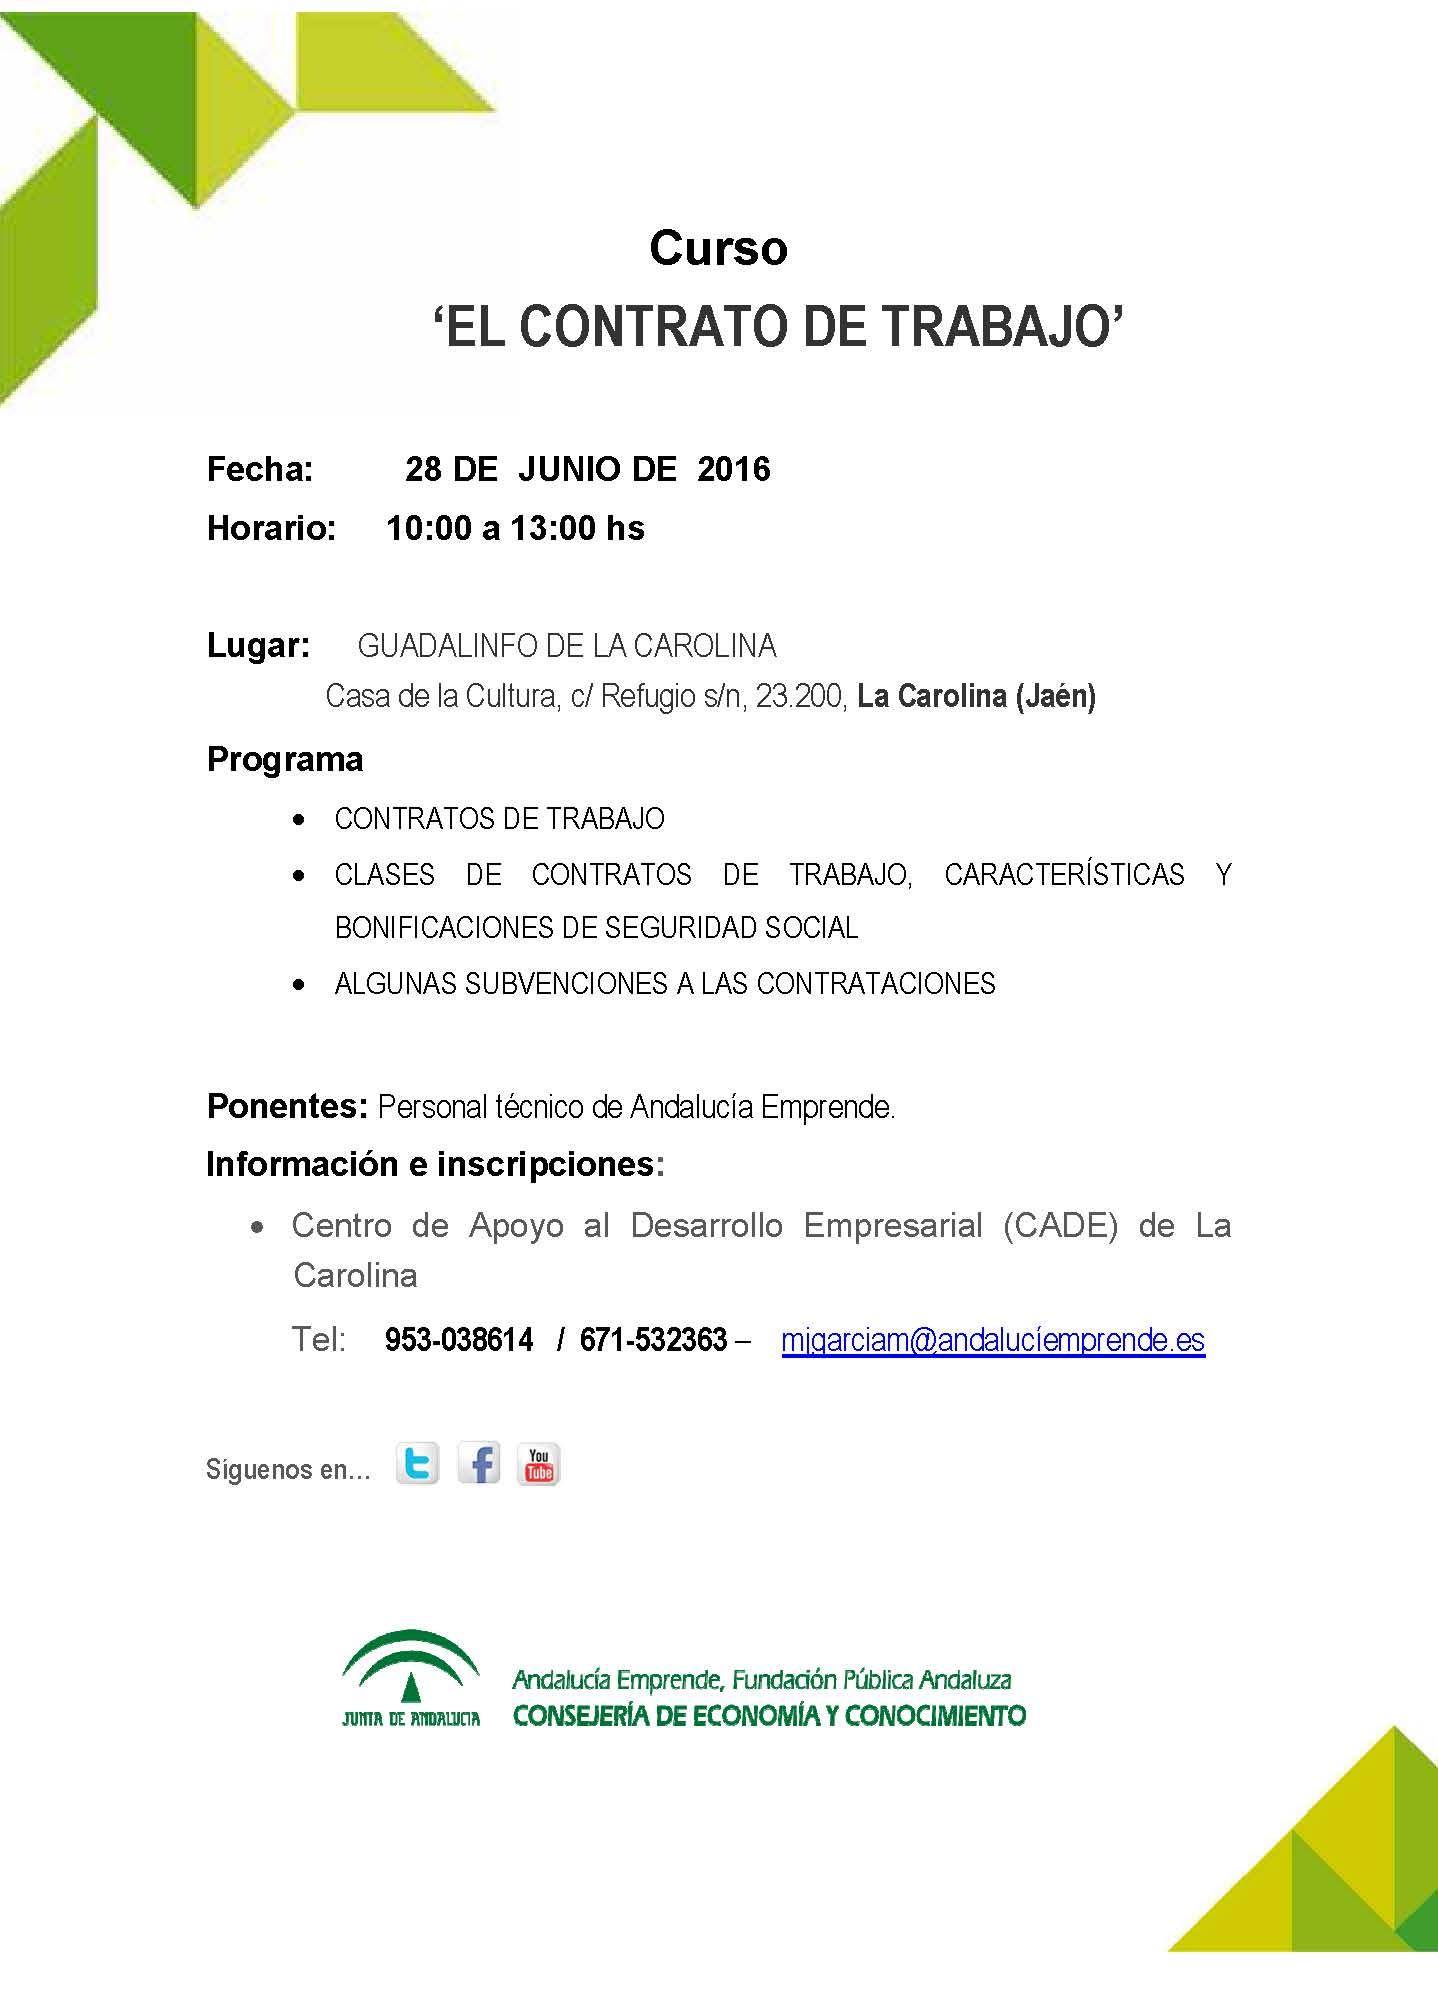 El contrato de trabajo andaluc a emprende fundaci n for Contrato trabajo